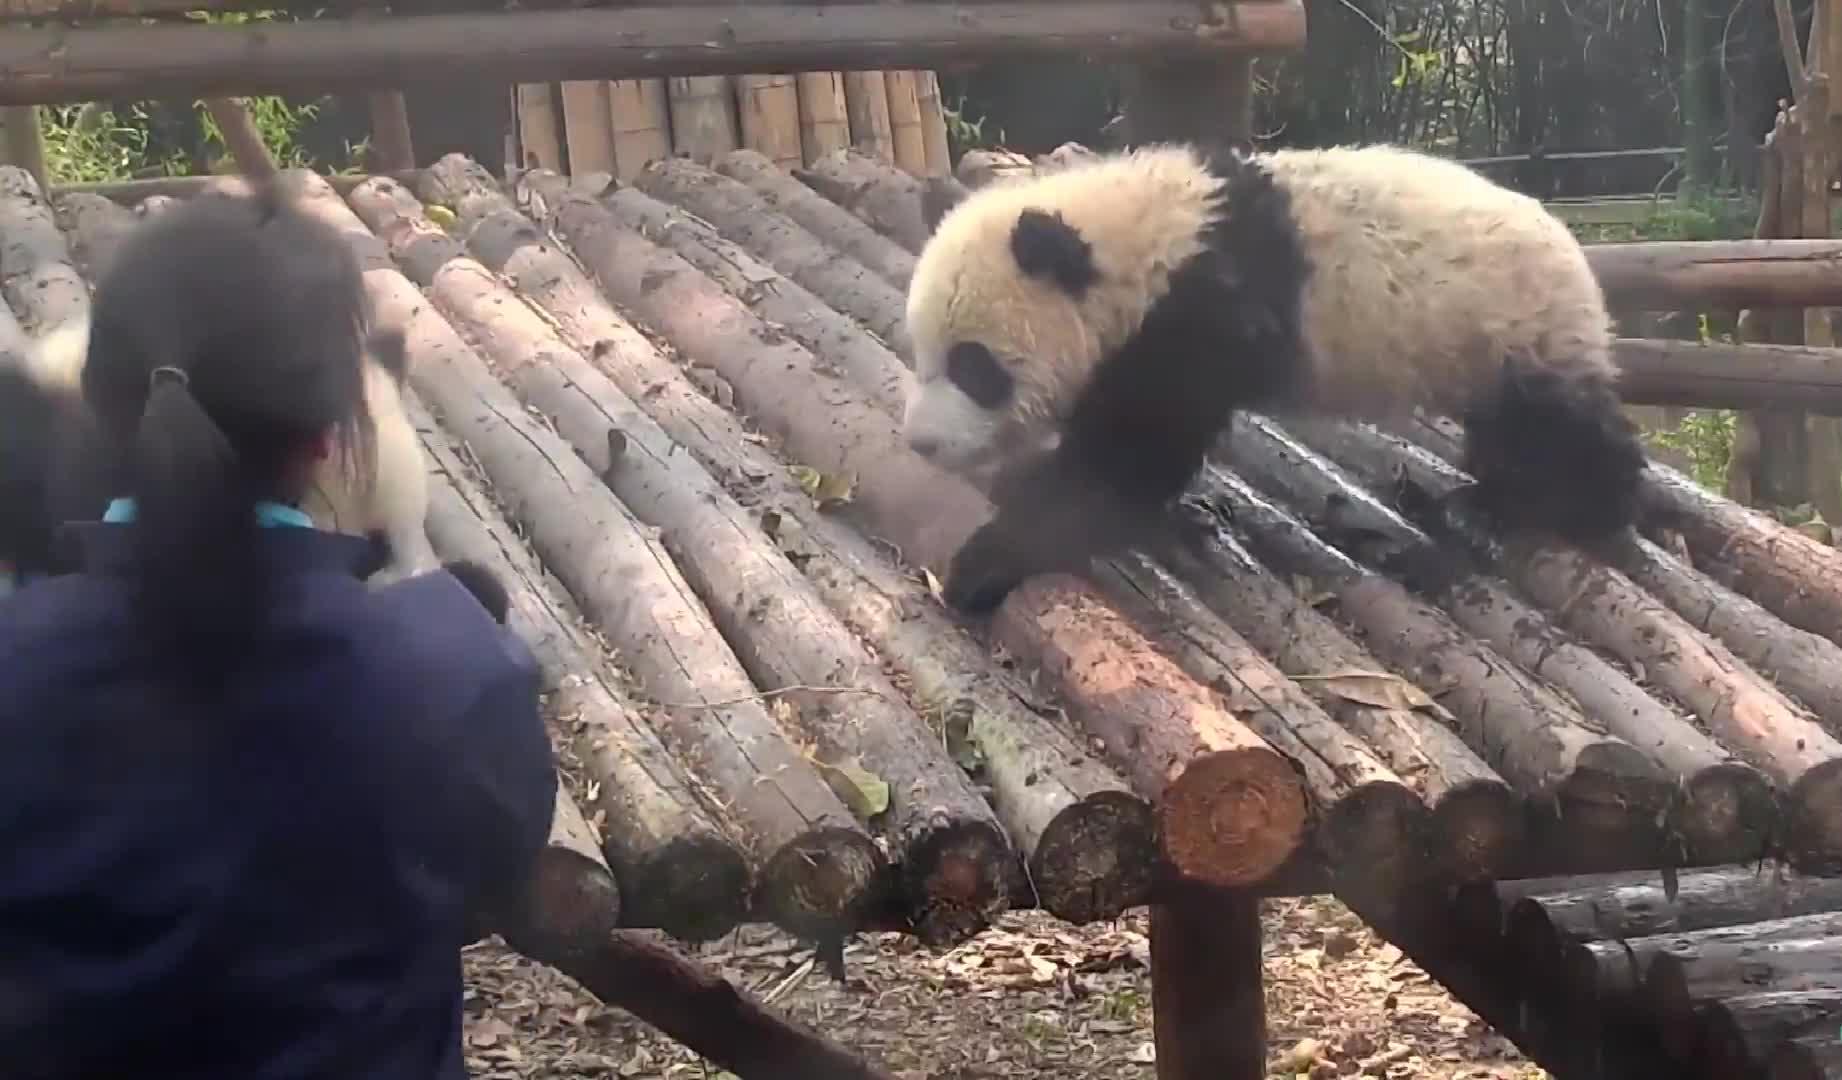 #搞笑动物#奶妈突然抱过来一只熊猫宝宝,结果把刚玩水的宝宝吓了一跳